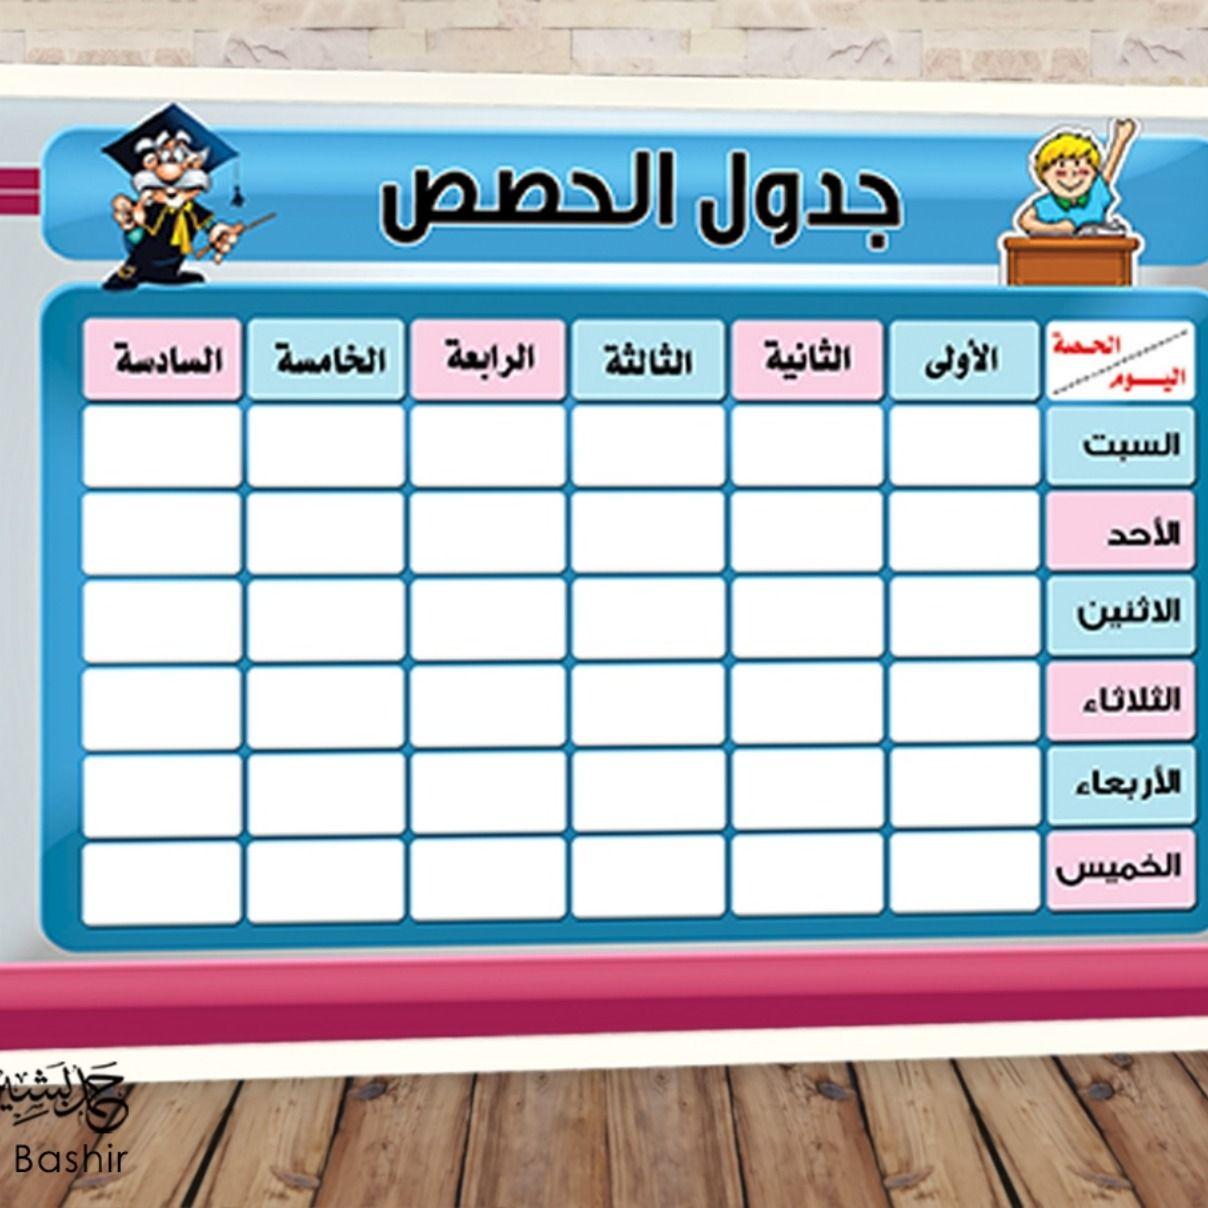 جدول حصص الاسبوعي المدرسي جاهز للطباعة شكل 7 Tech Company Logos Company Logo Ibm Logo